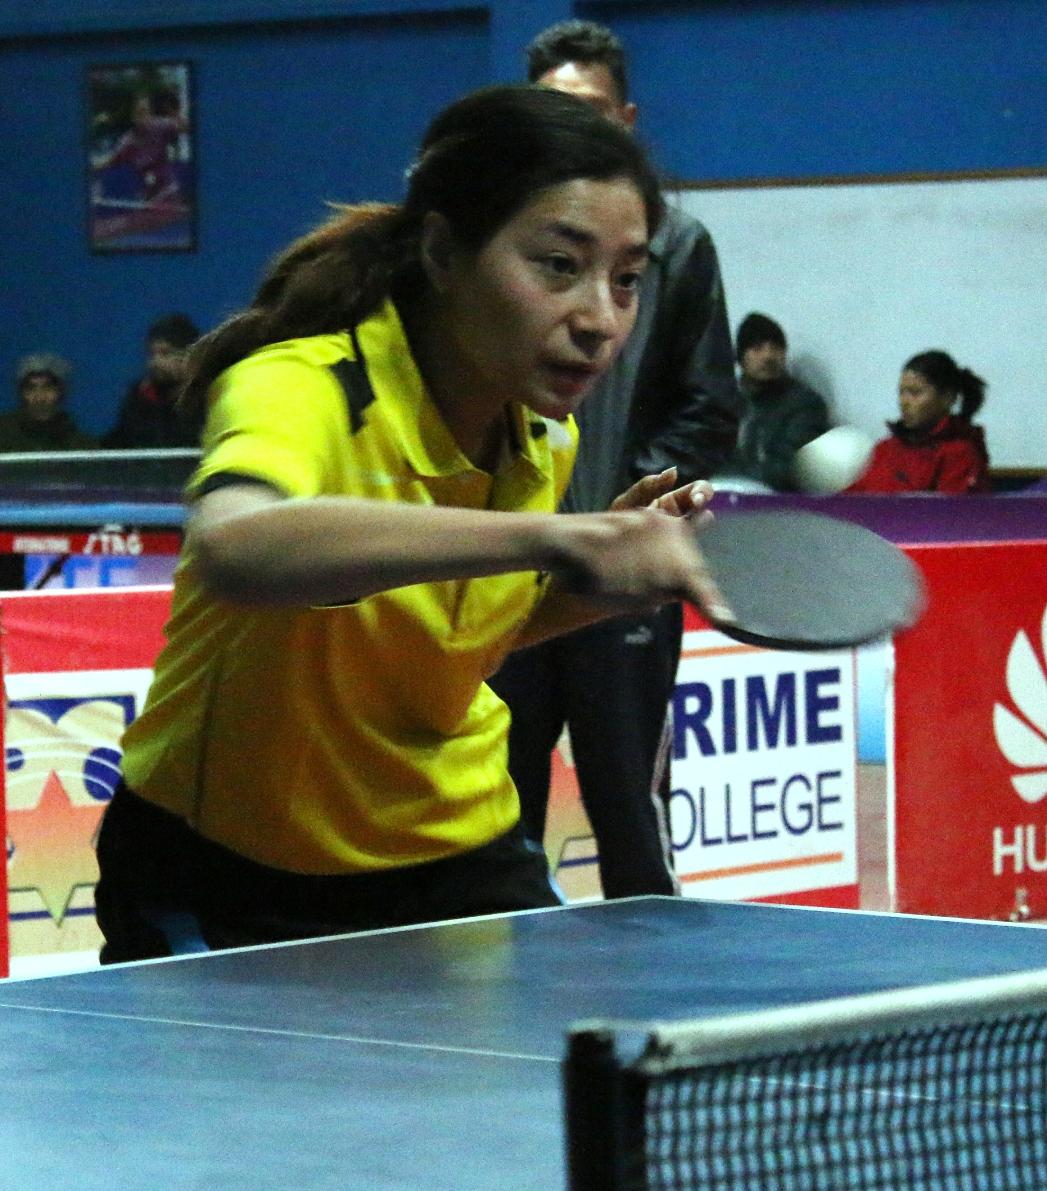 सम्झना कप टेबल टेनिसको महिला एकलको सेमिफाइनलमा विभागिय खेलाडी मात्रै